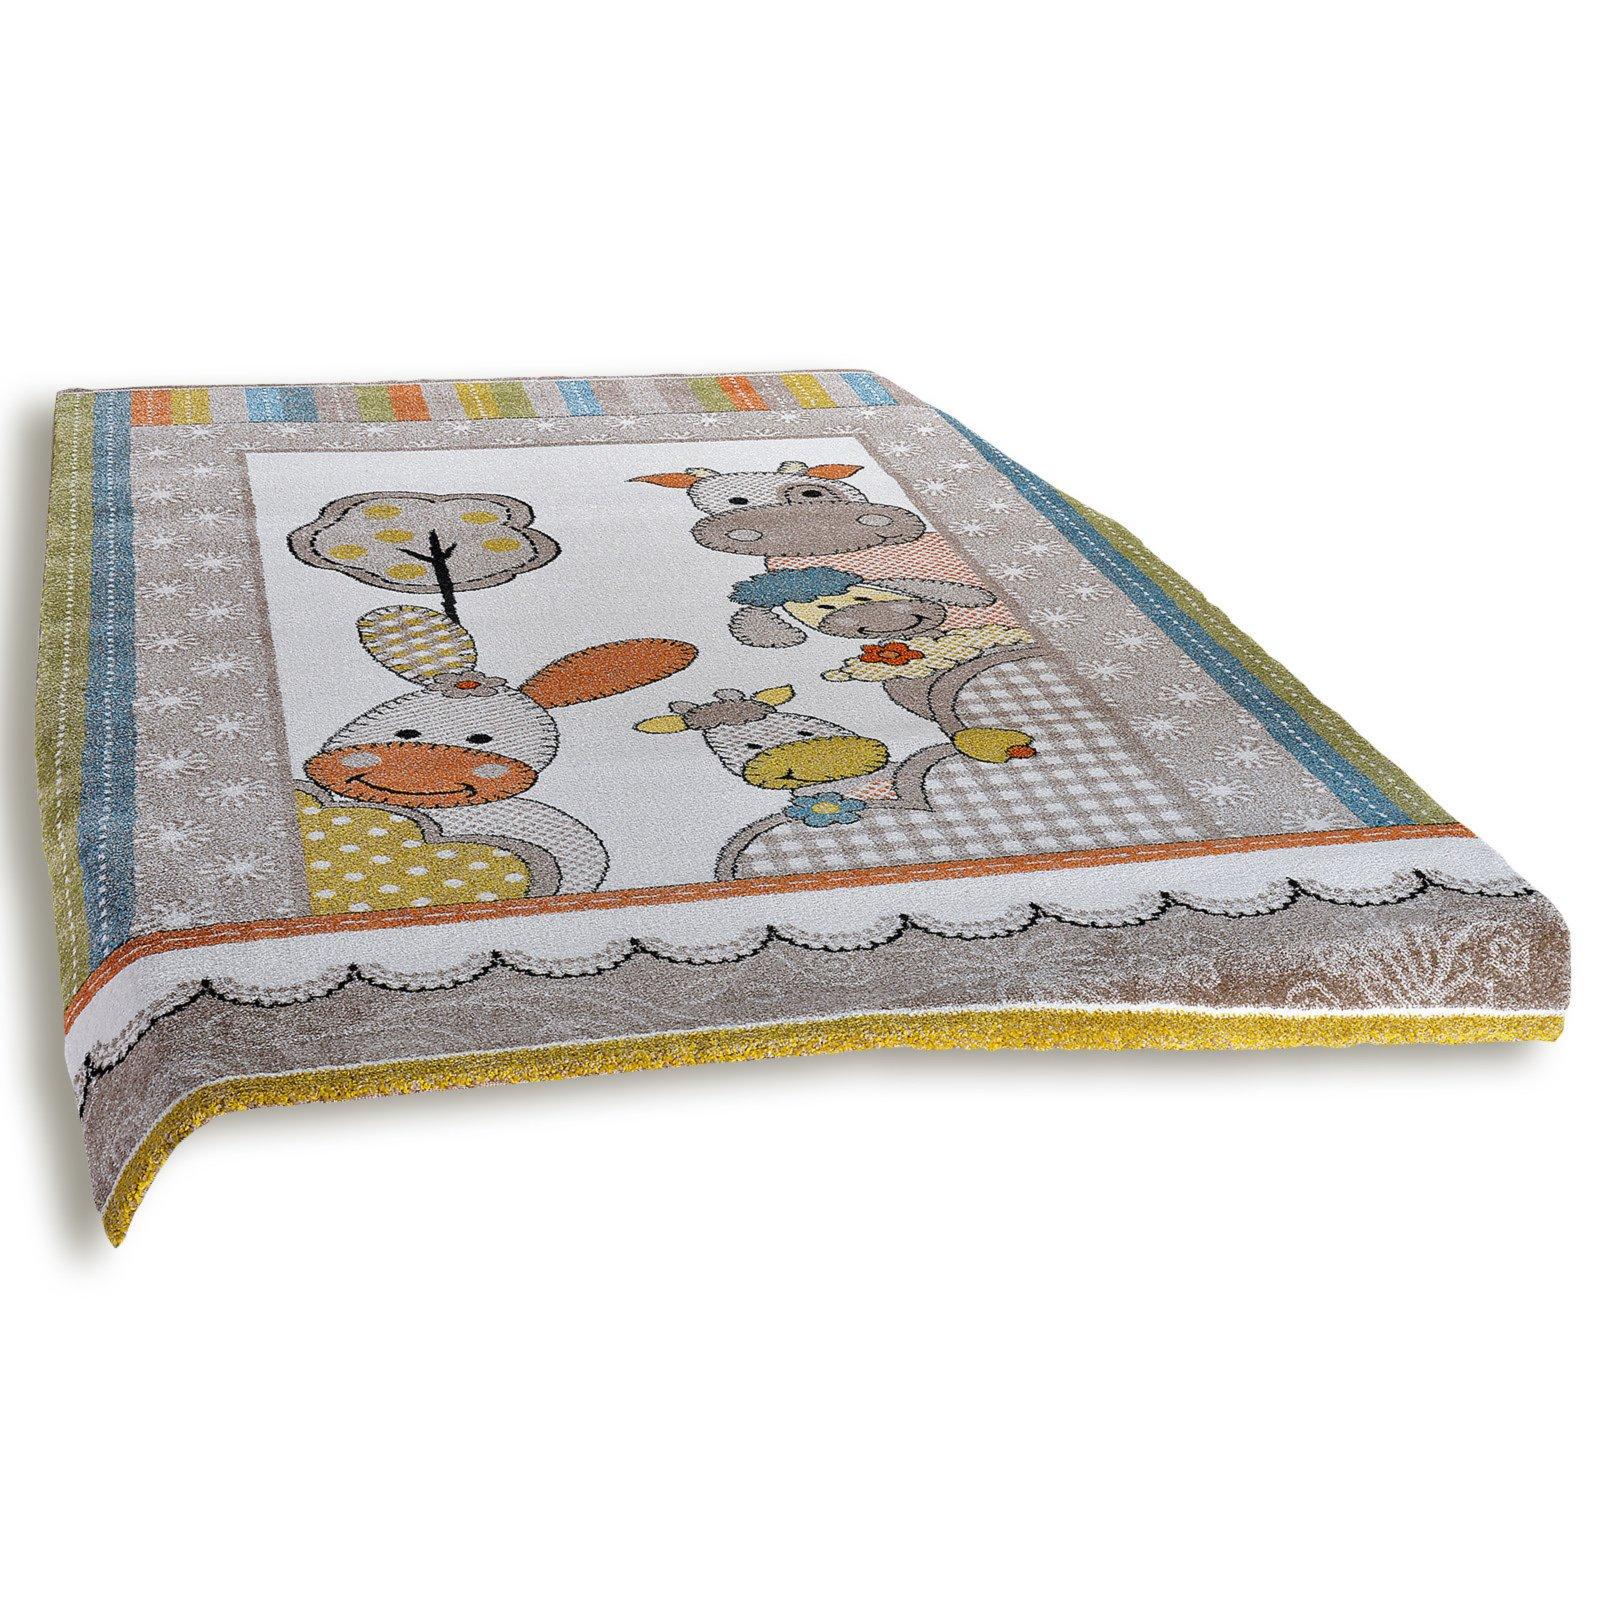 frisee teppich diamond kids mehrfarbig 120x170 cm kinder spielteppiche teppiche. Black Bedroom Furniture Sets. Home Design Ideas